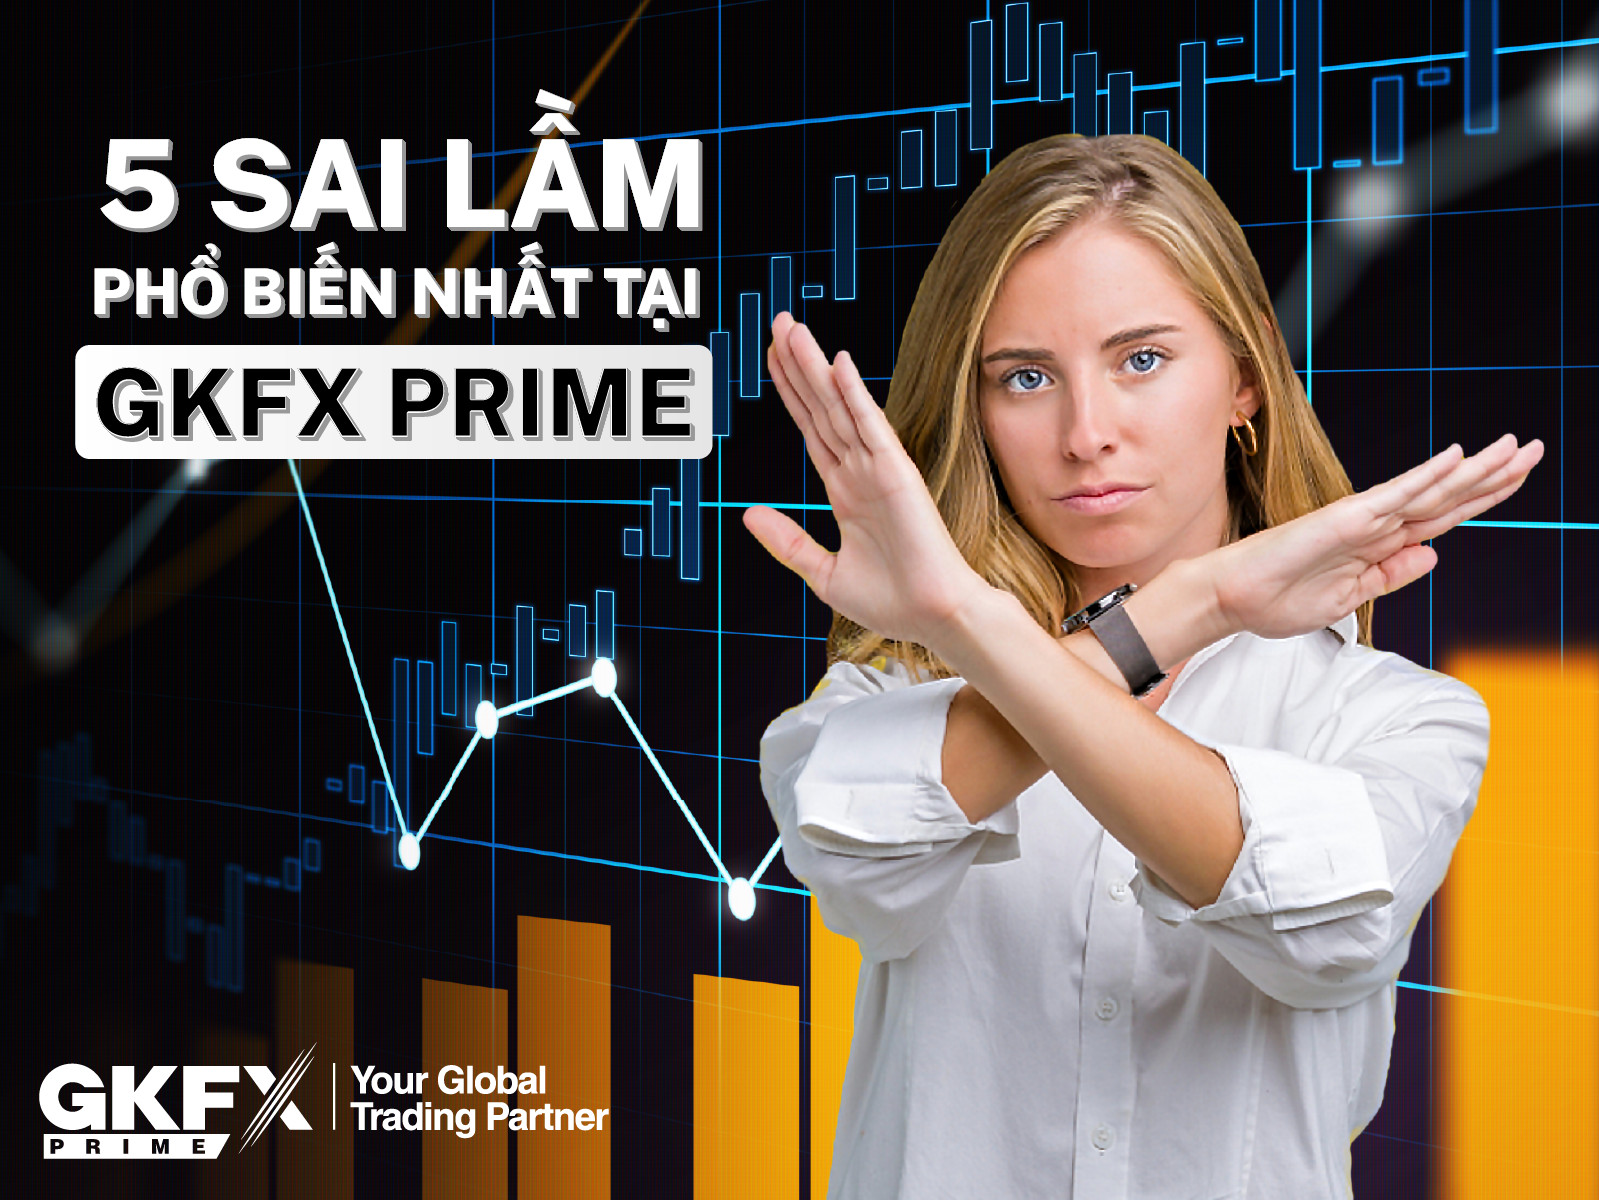 Tổng hợp 5 sai lầm phổ biến nhất tại GKFX Prime